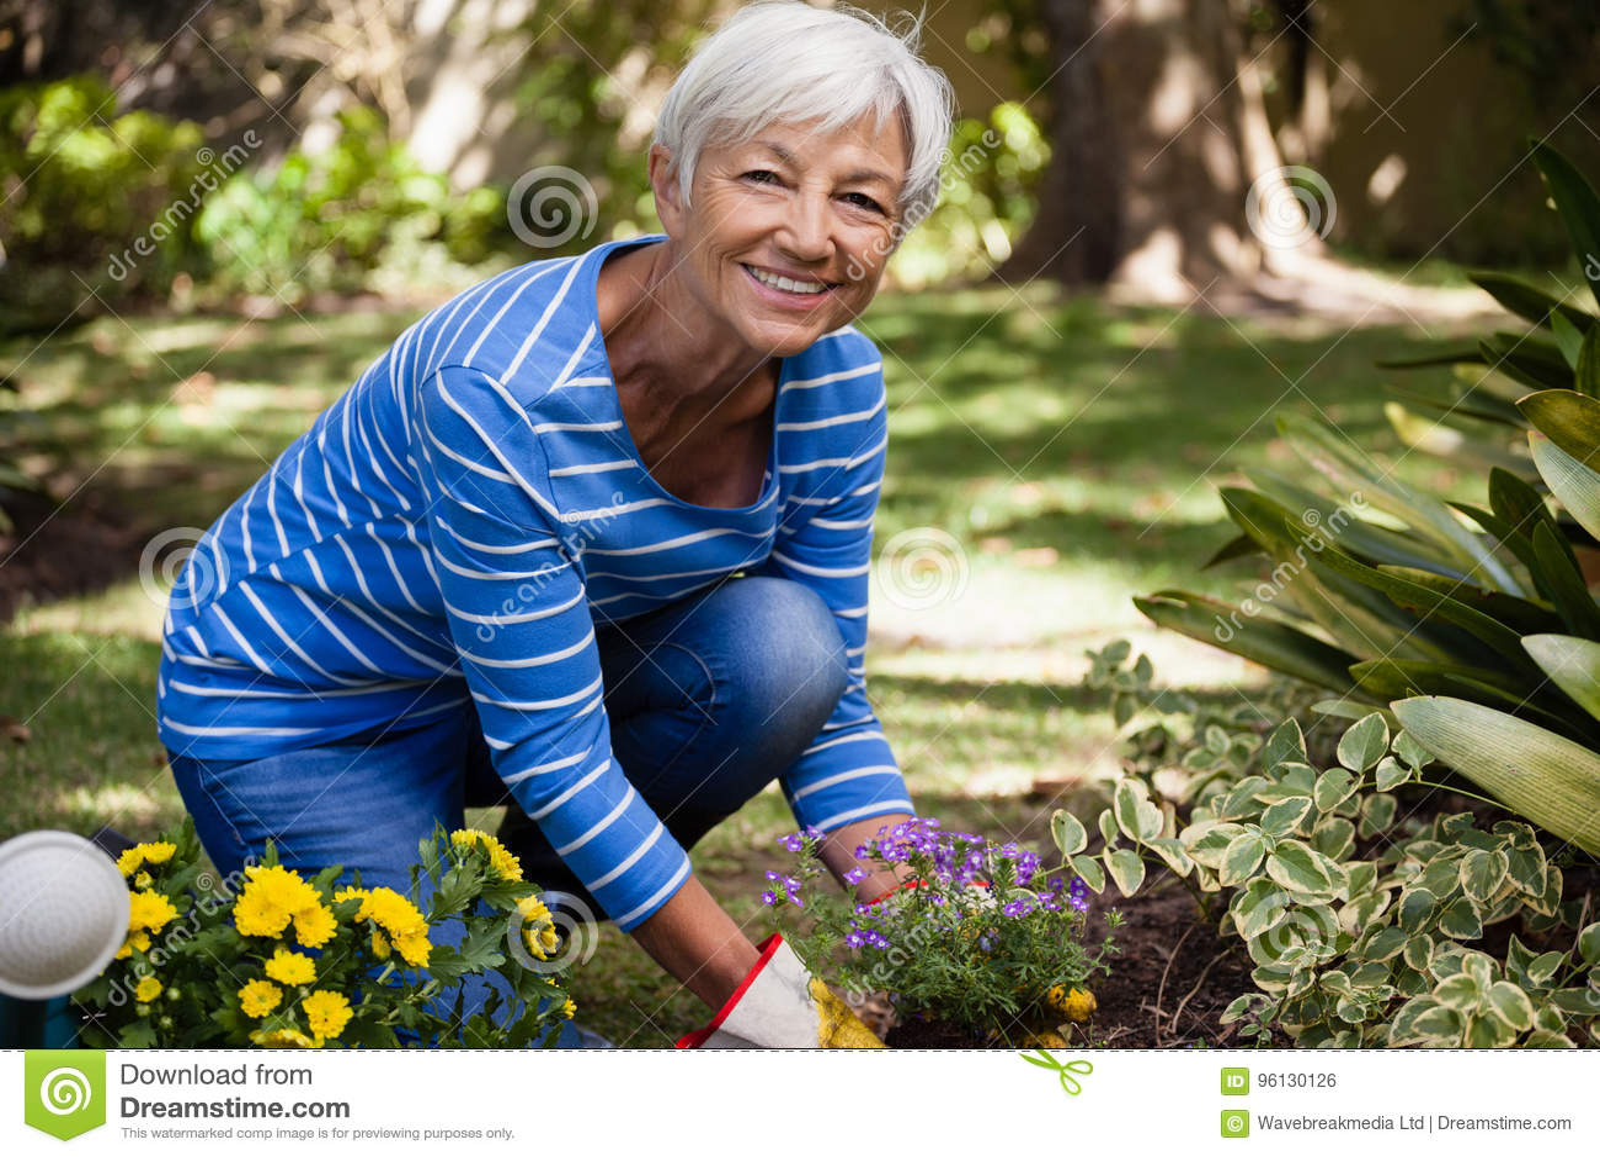 Portrait de la femme supérieure heureuse se mettant à genoux tout en plantant fleurit